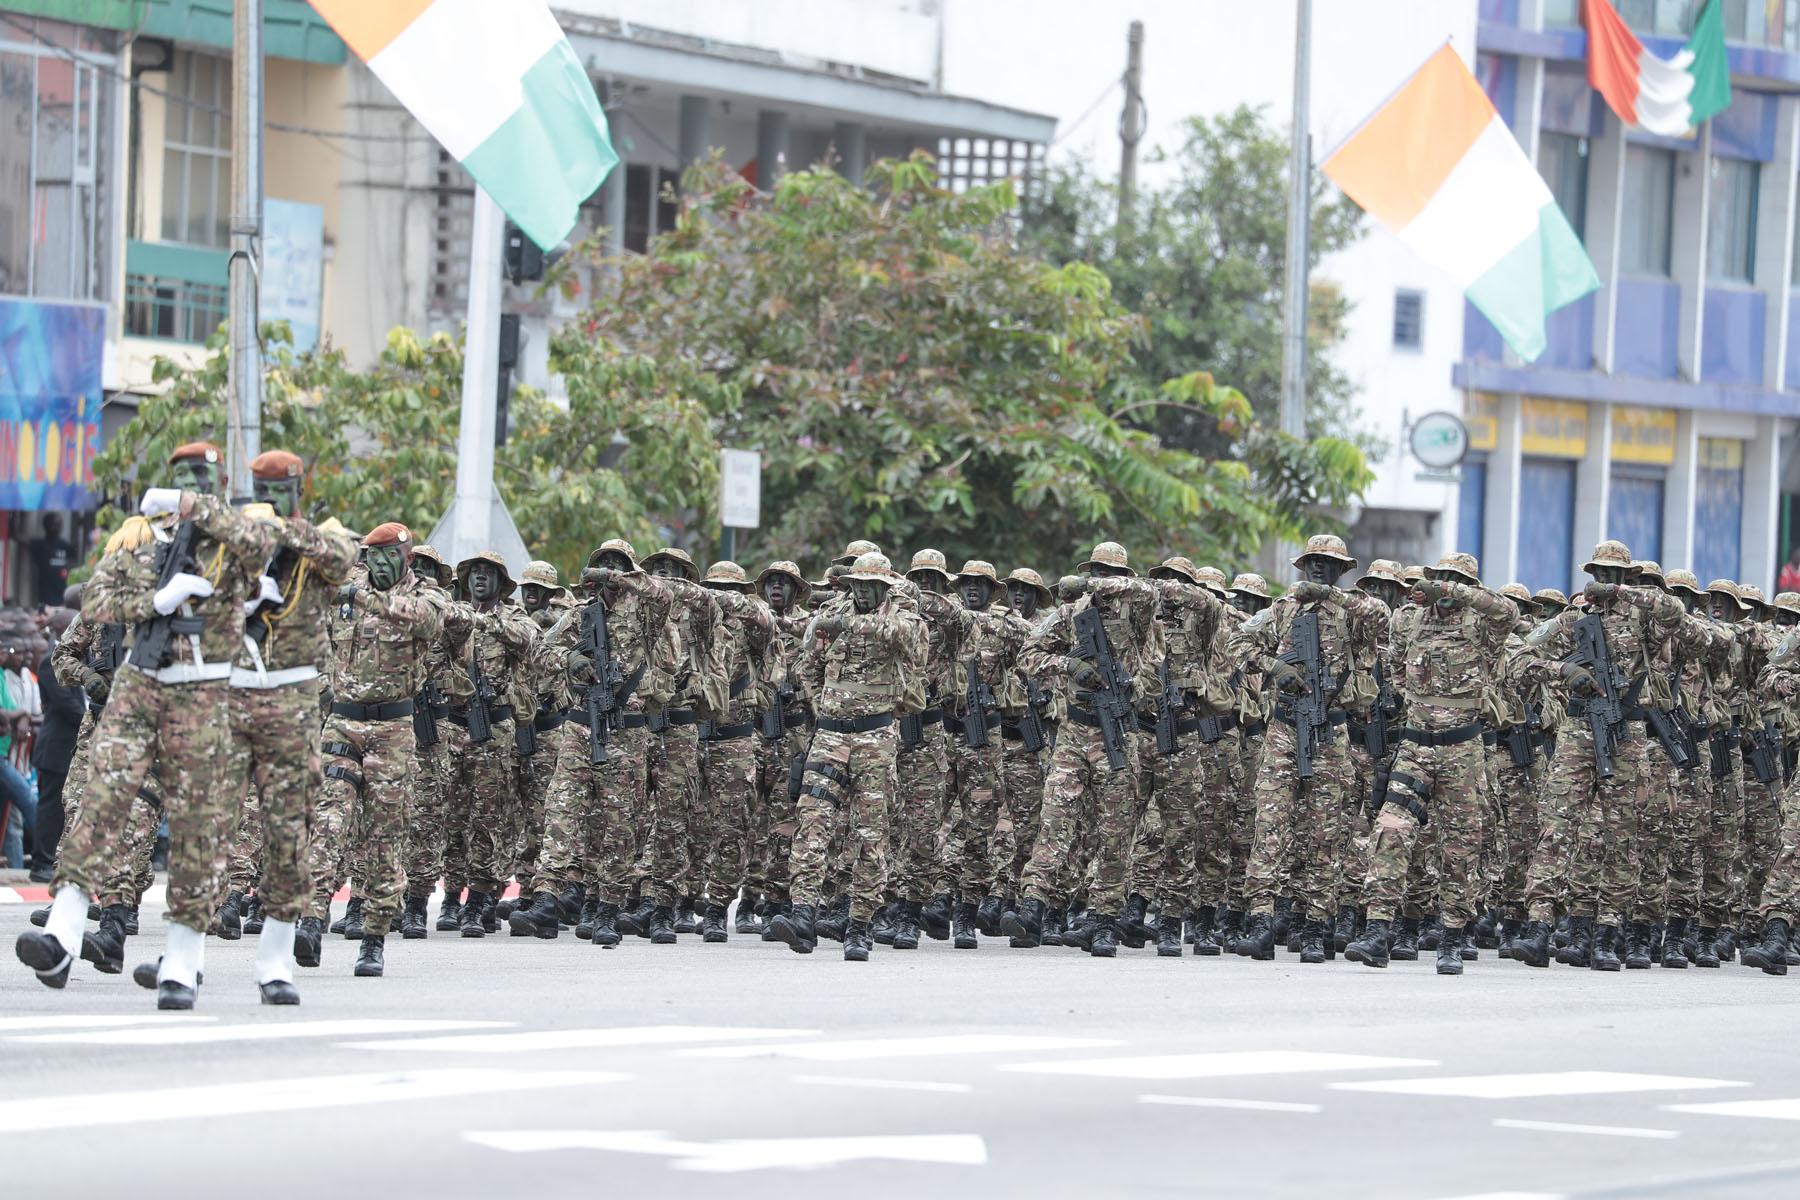 Côté d'Ivoire - Célébration de la fête nationale 2018 : L'armée nationale, la star du défilé